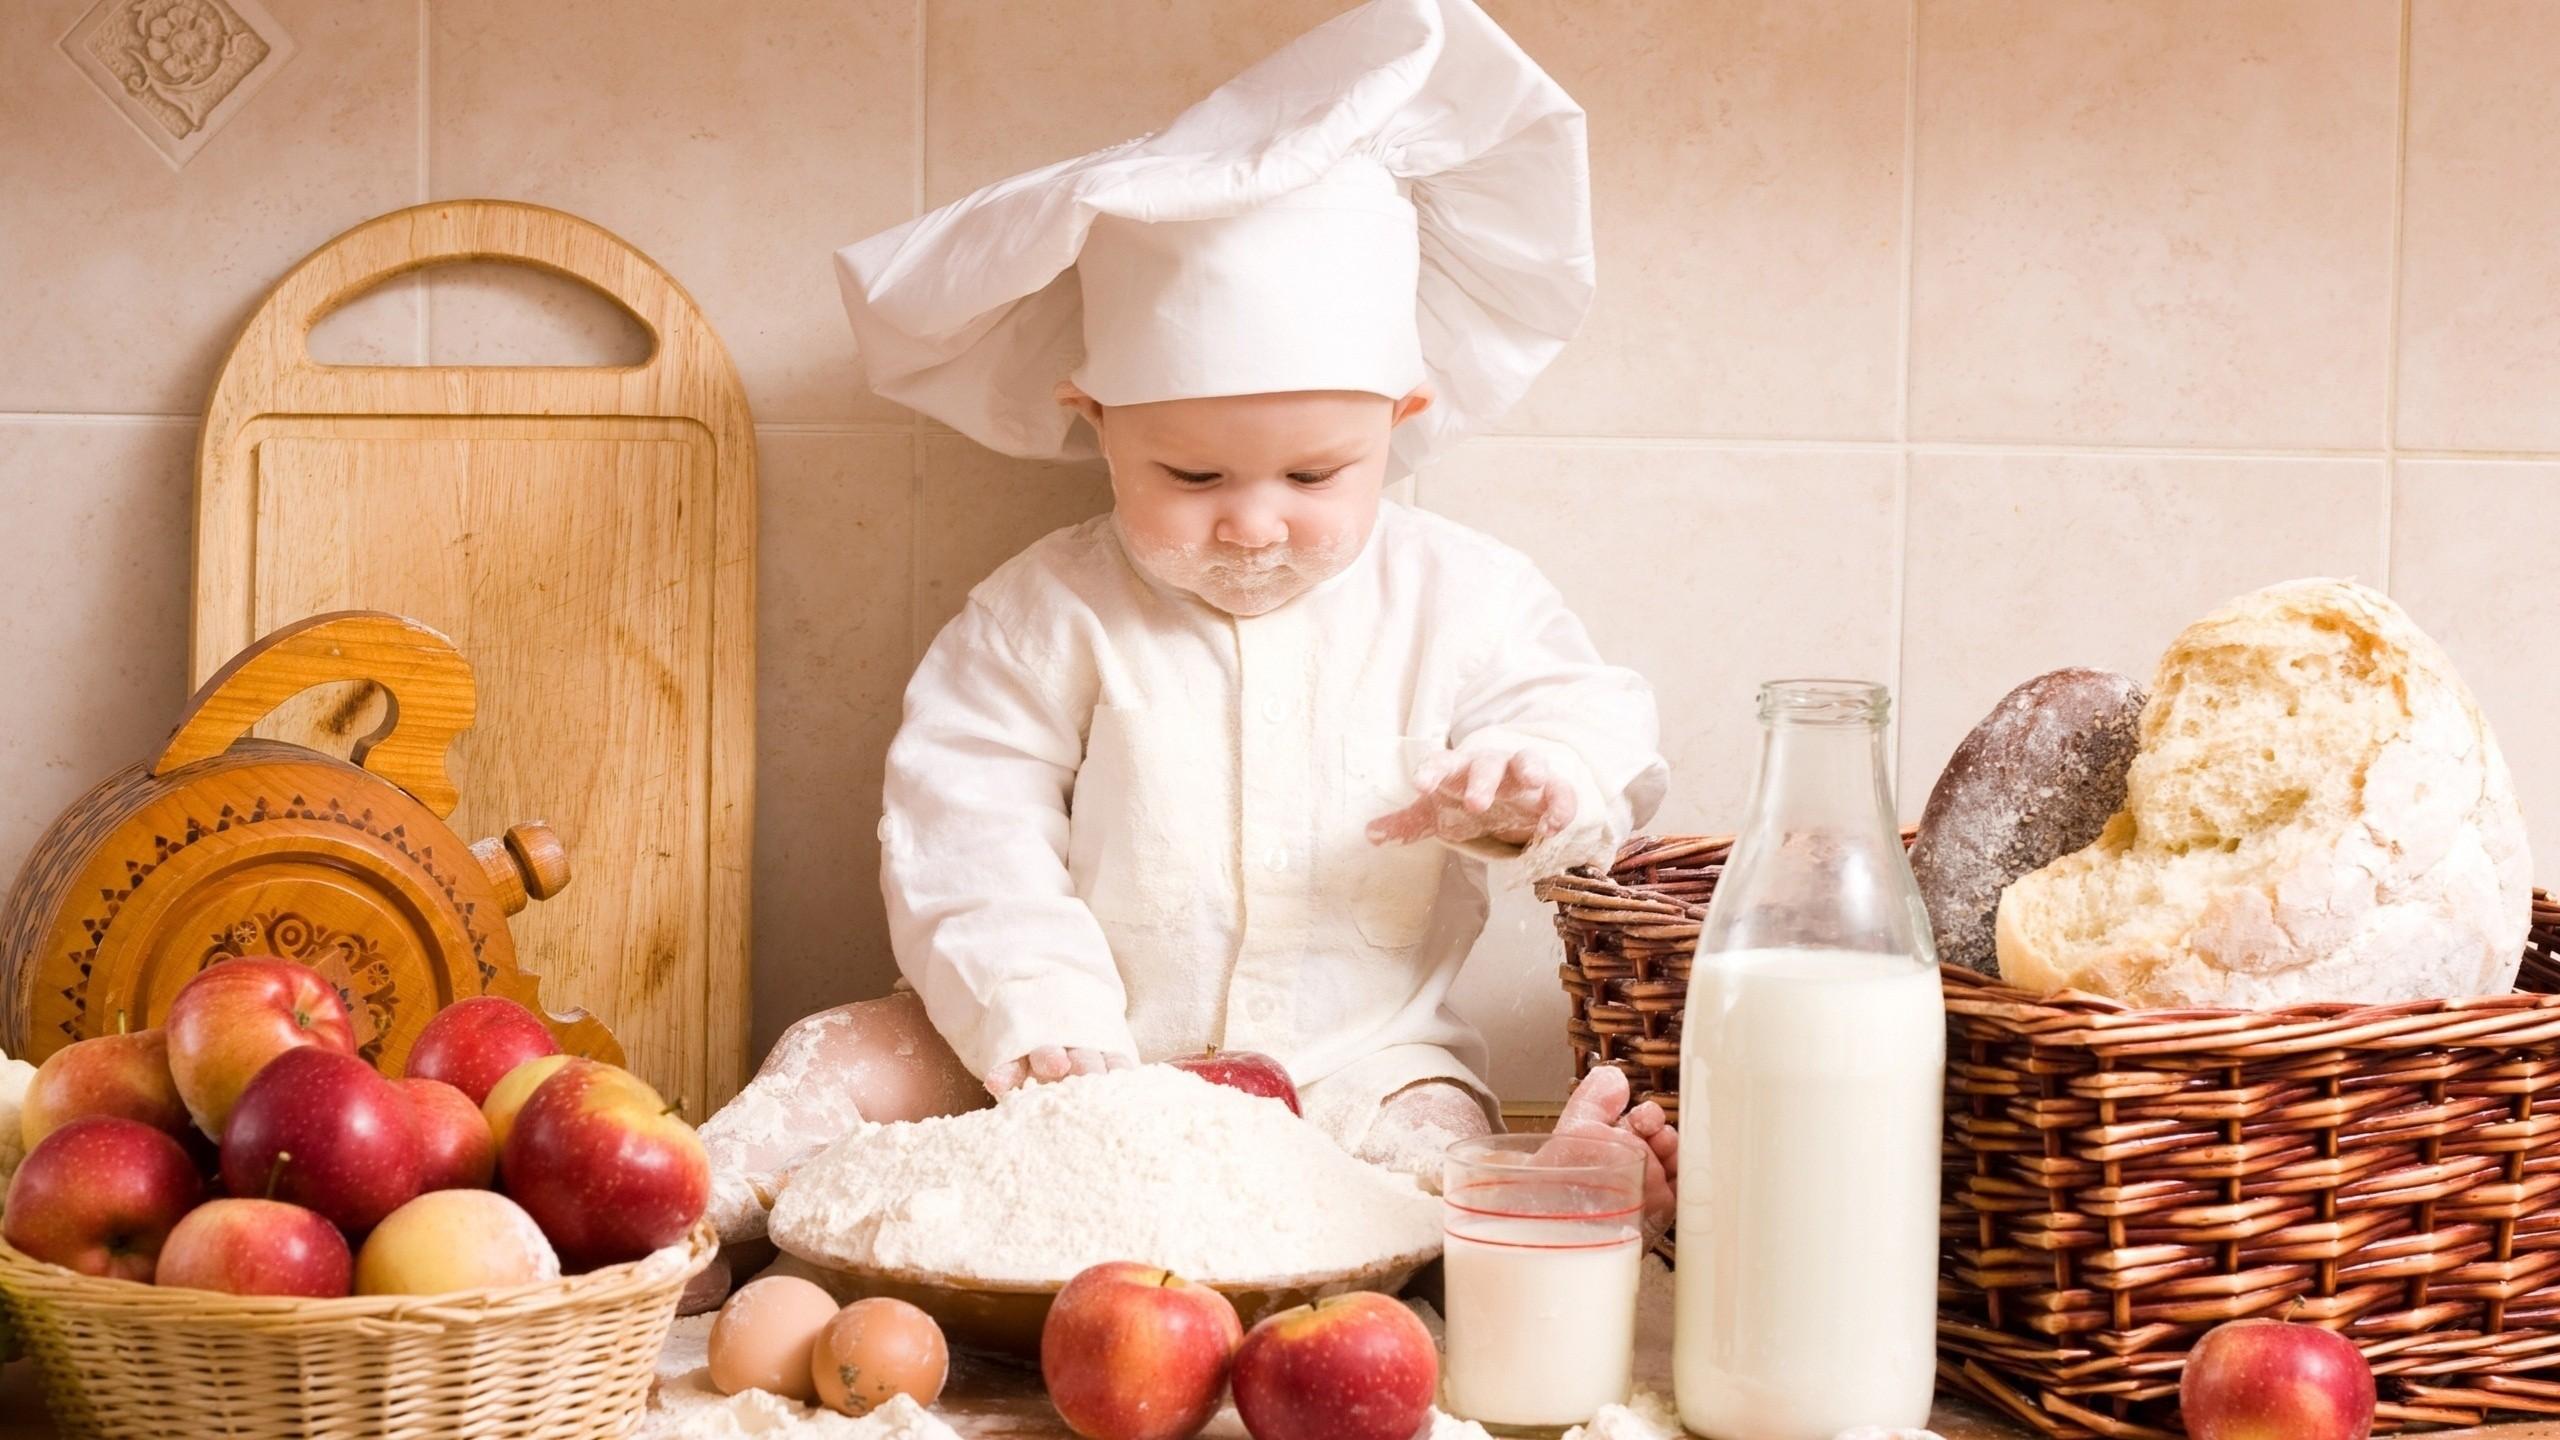 a small child chef - Pics Of Small Children